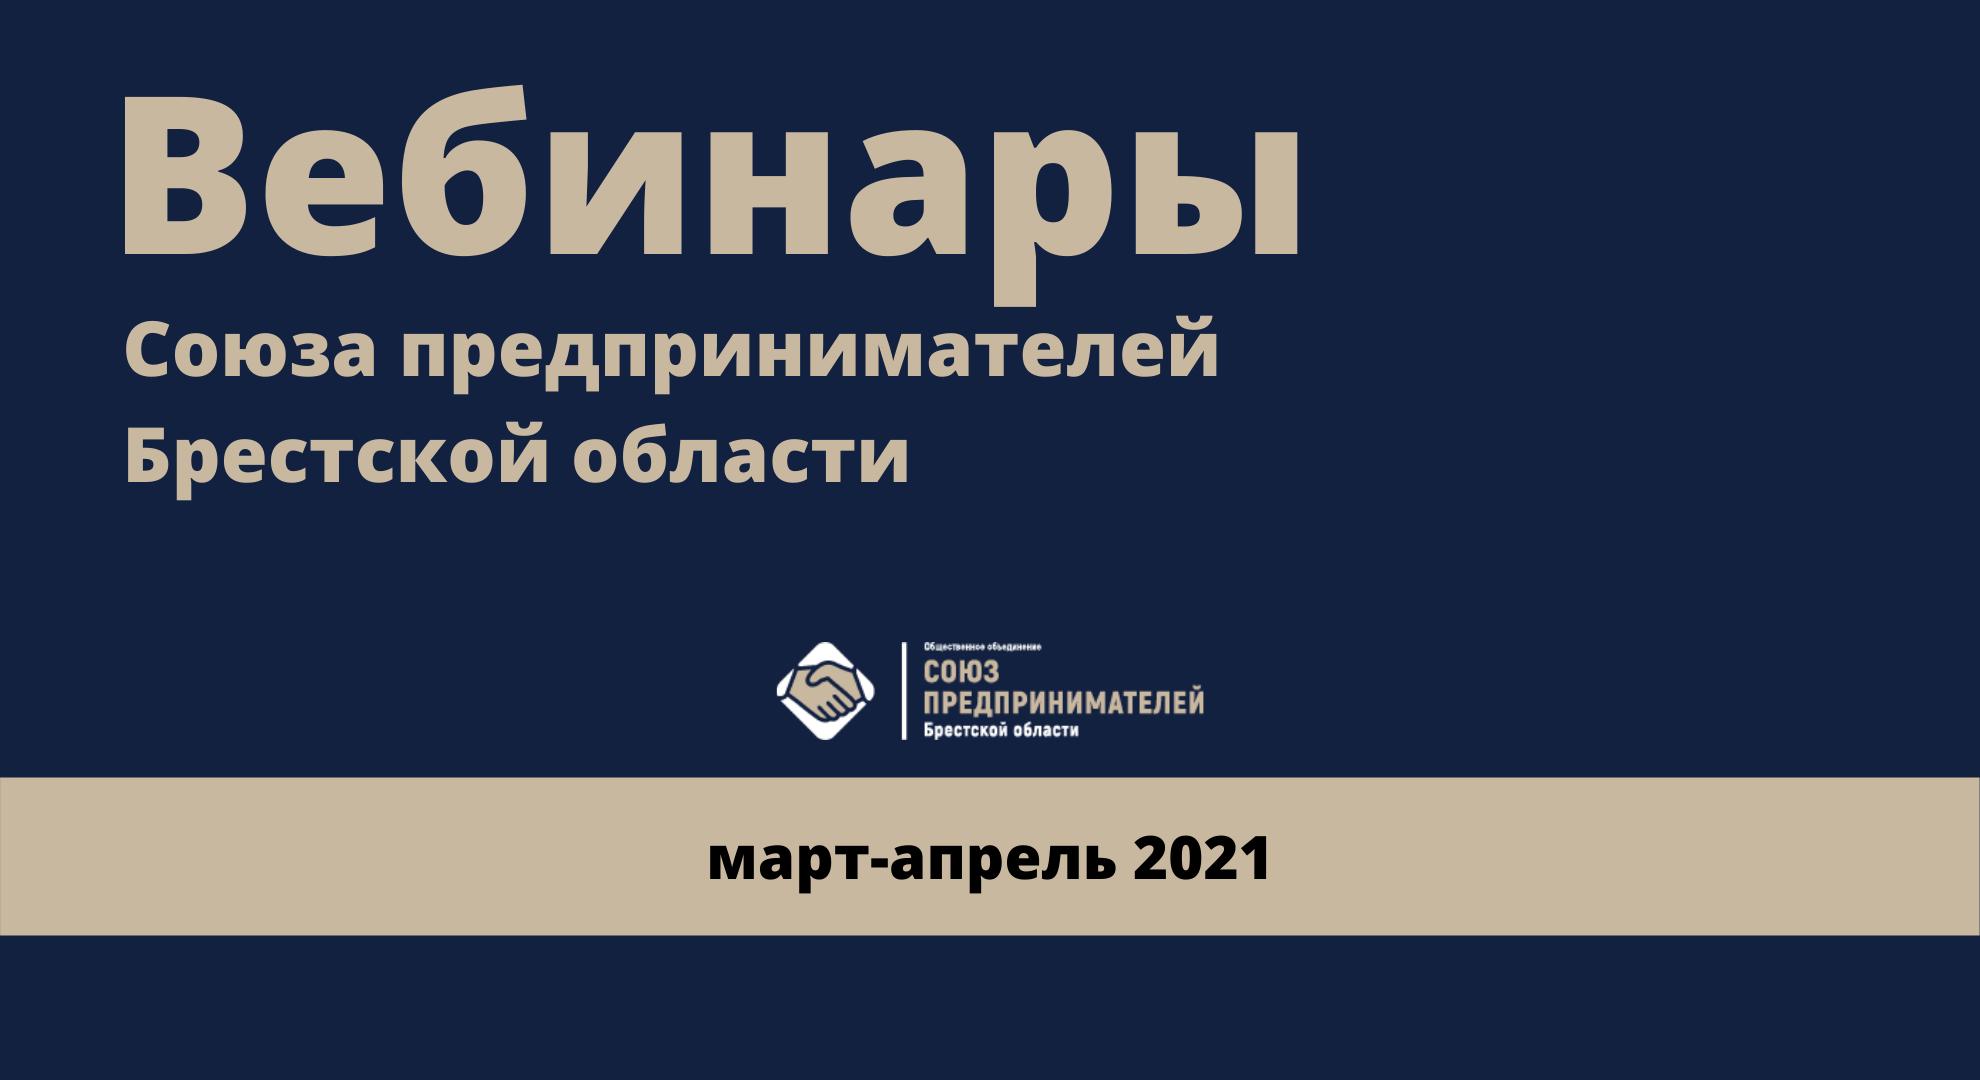 СПБО. Мероприятия март-апрель 2021